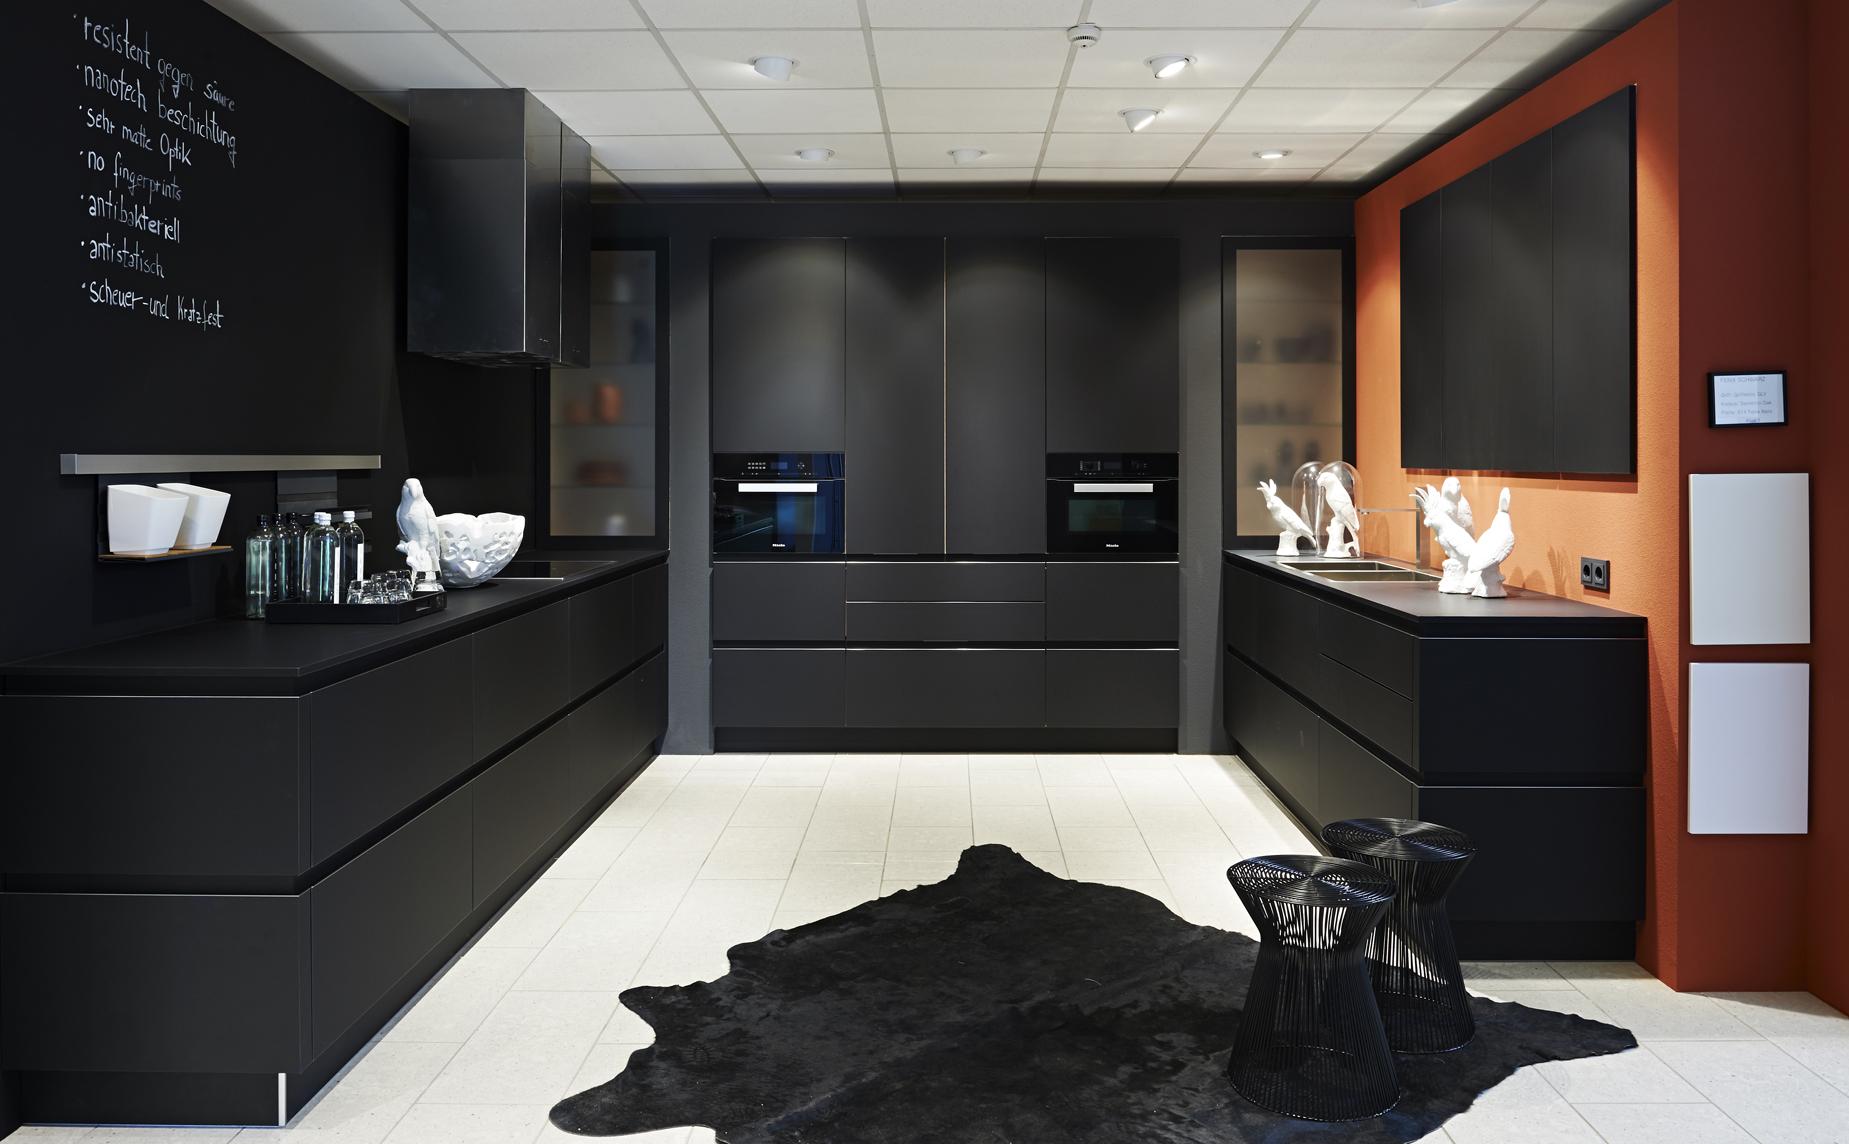 Keuken Zwart Mat : Hoe combineer ik mijn zwarte keuken? – Thuis VIVA forum